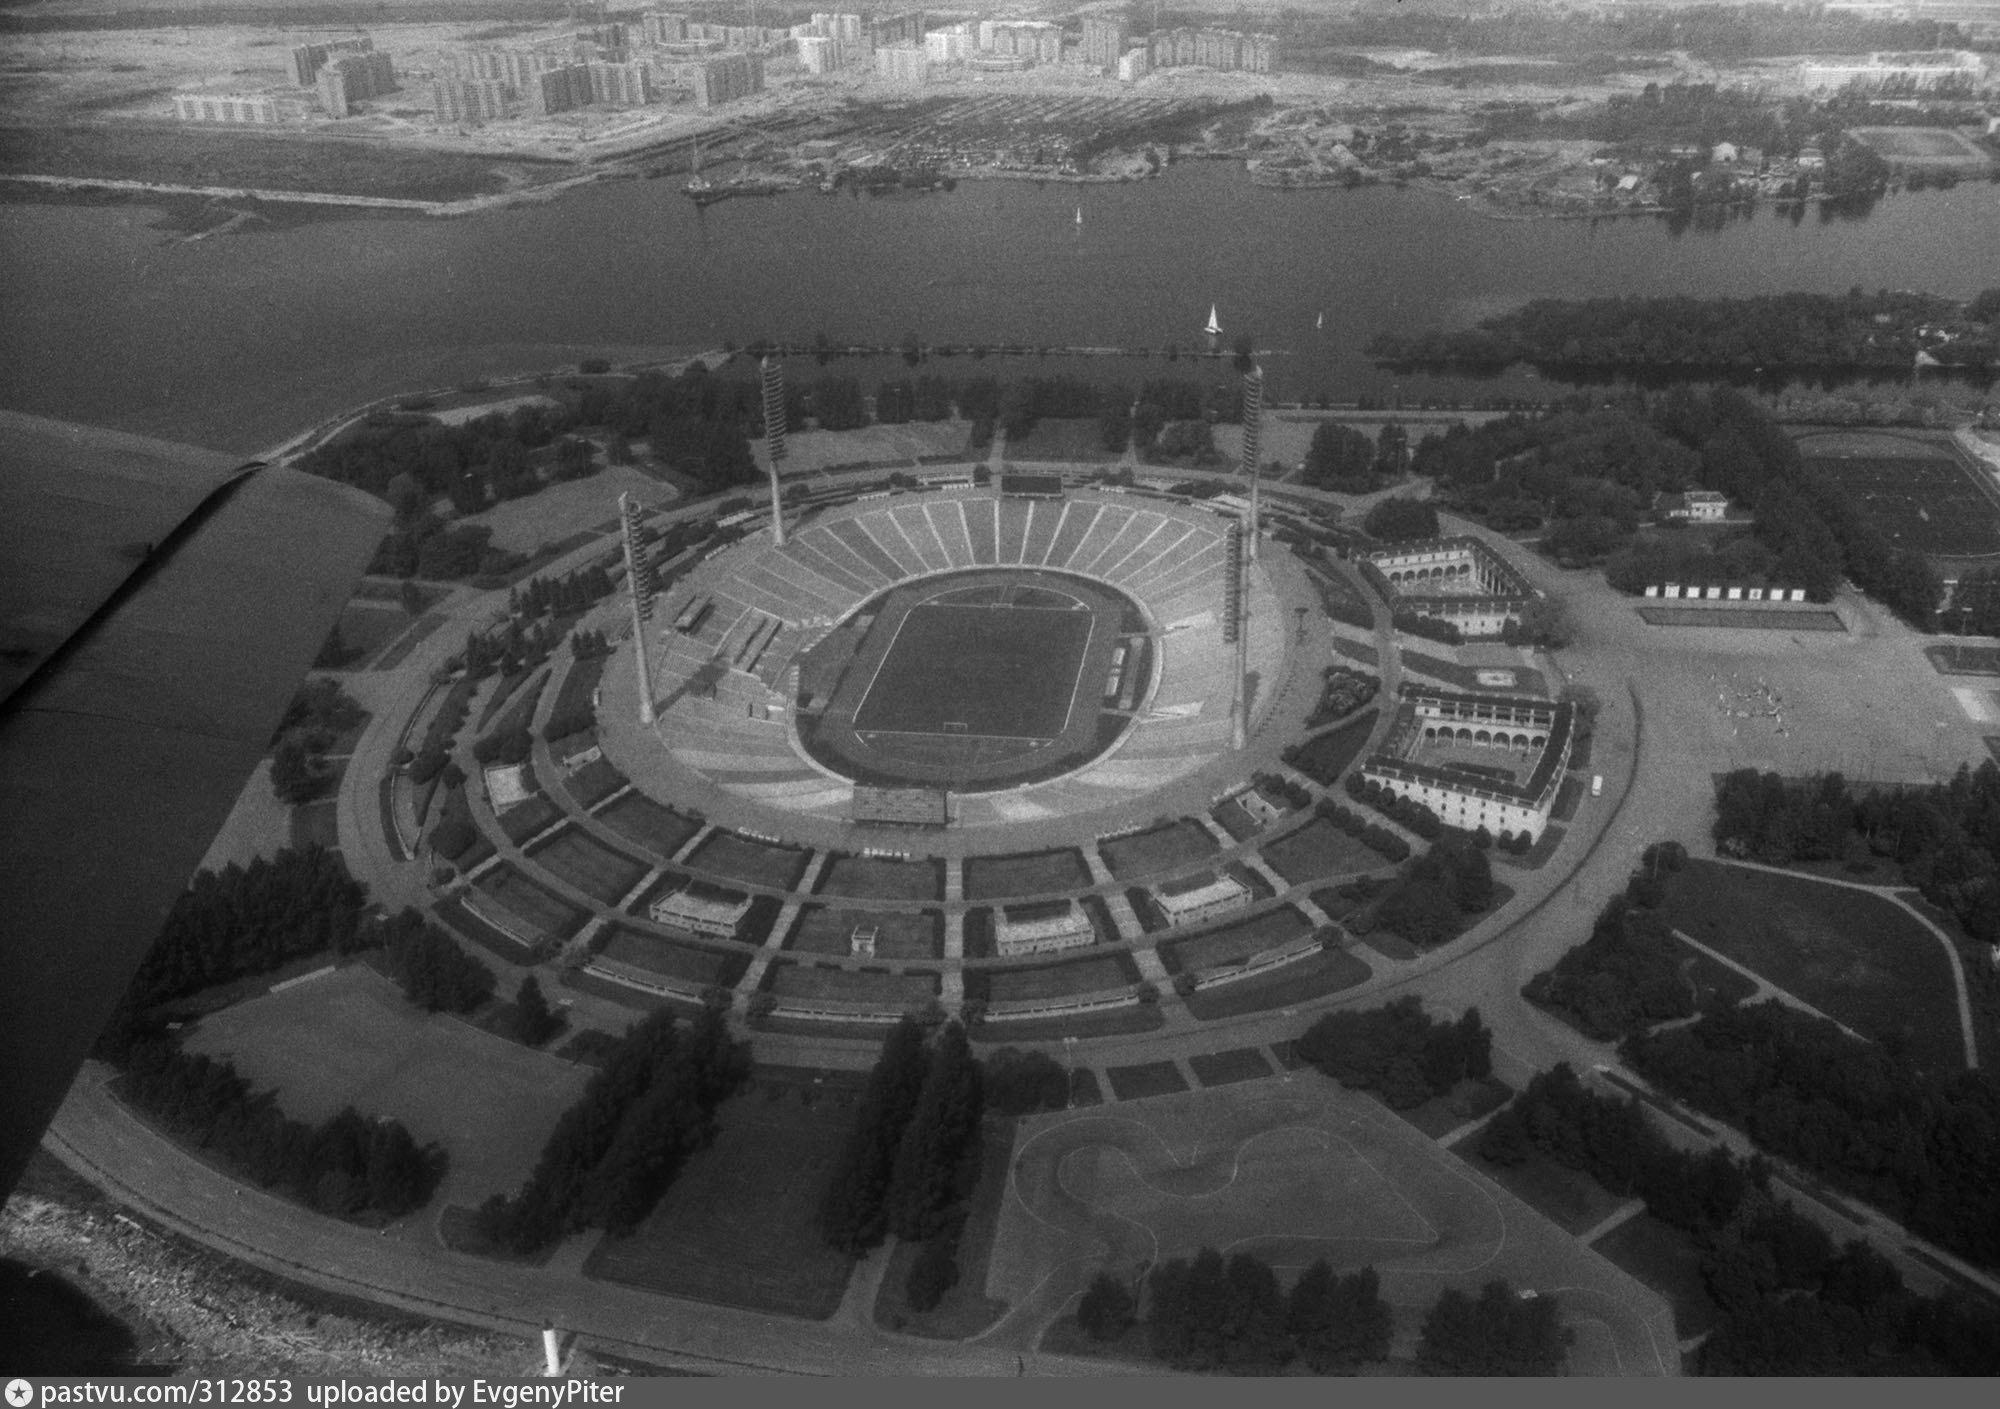 Het oude, betreurde Kirov stadion